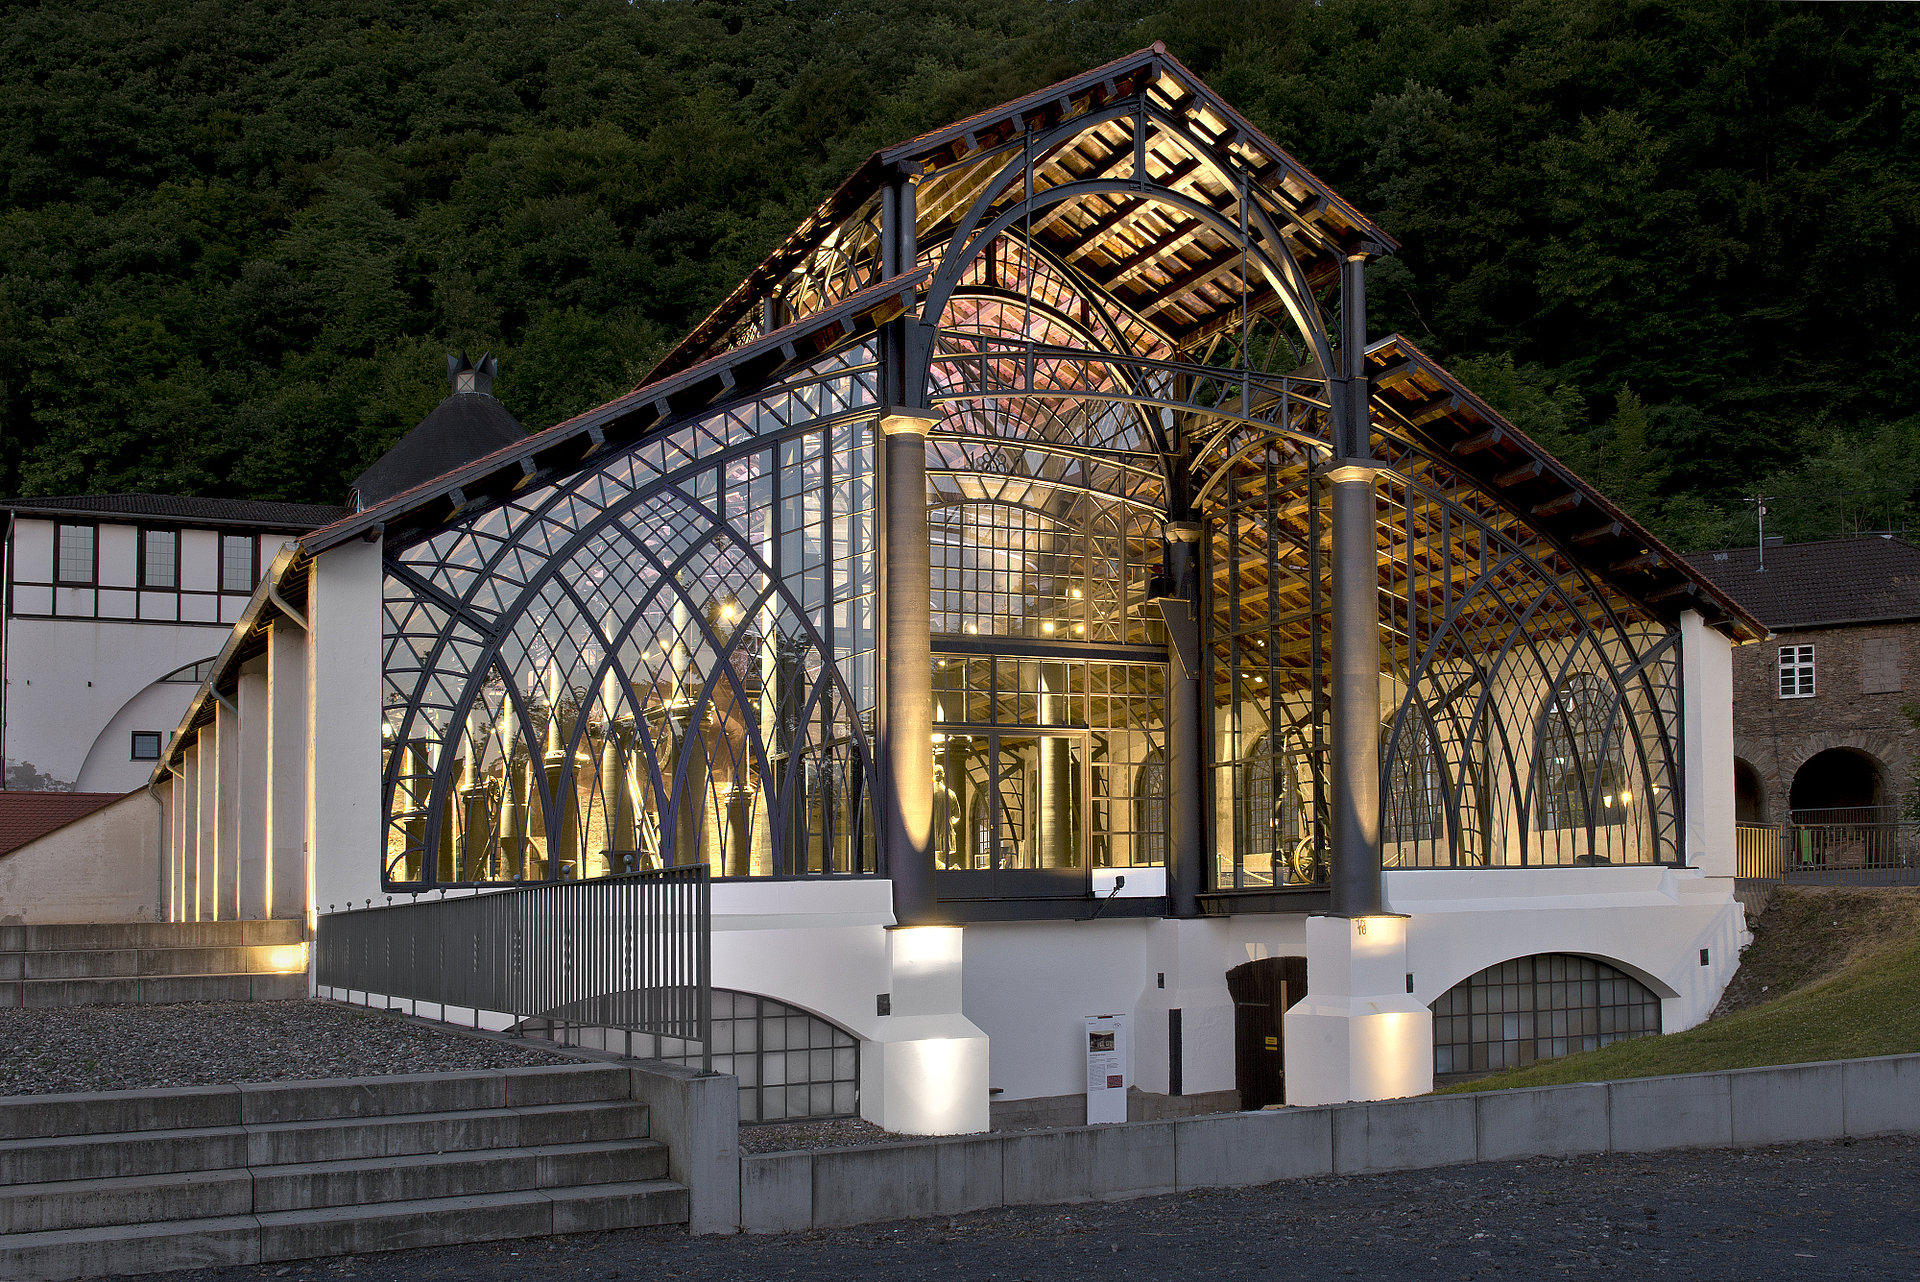 Gießhalle der Sayner Hütte in Bendorf-Sayn, Romantischer Rhein